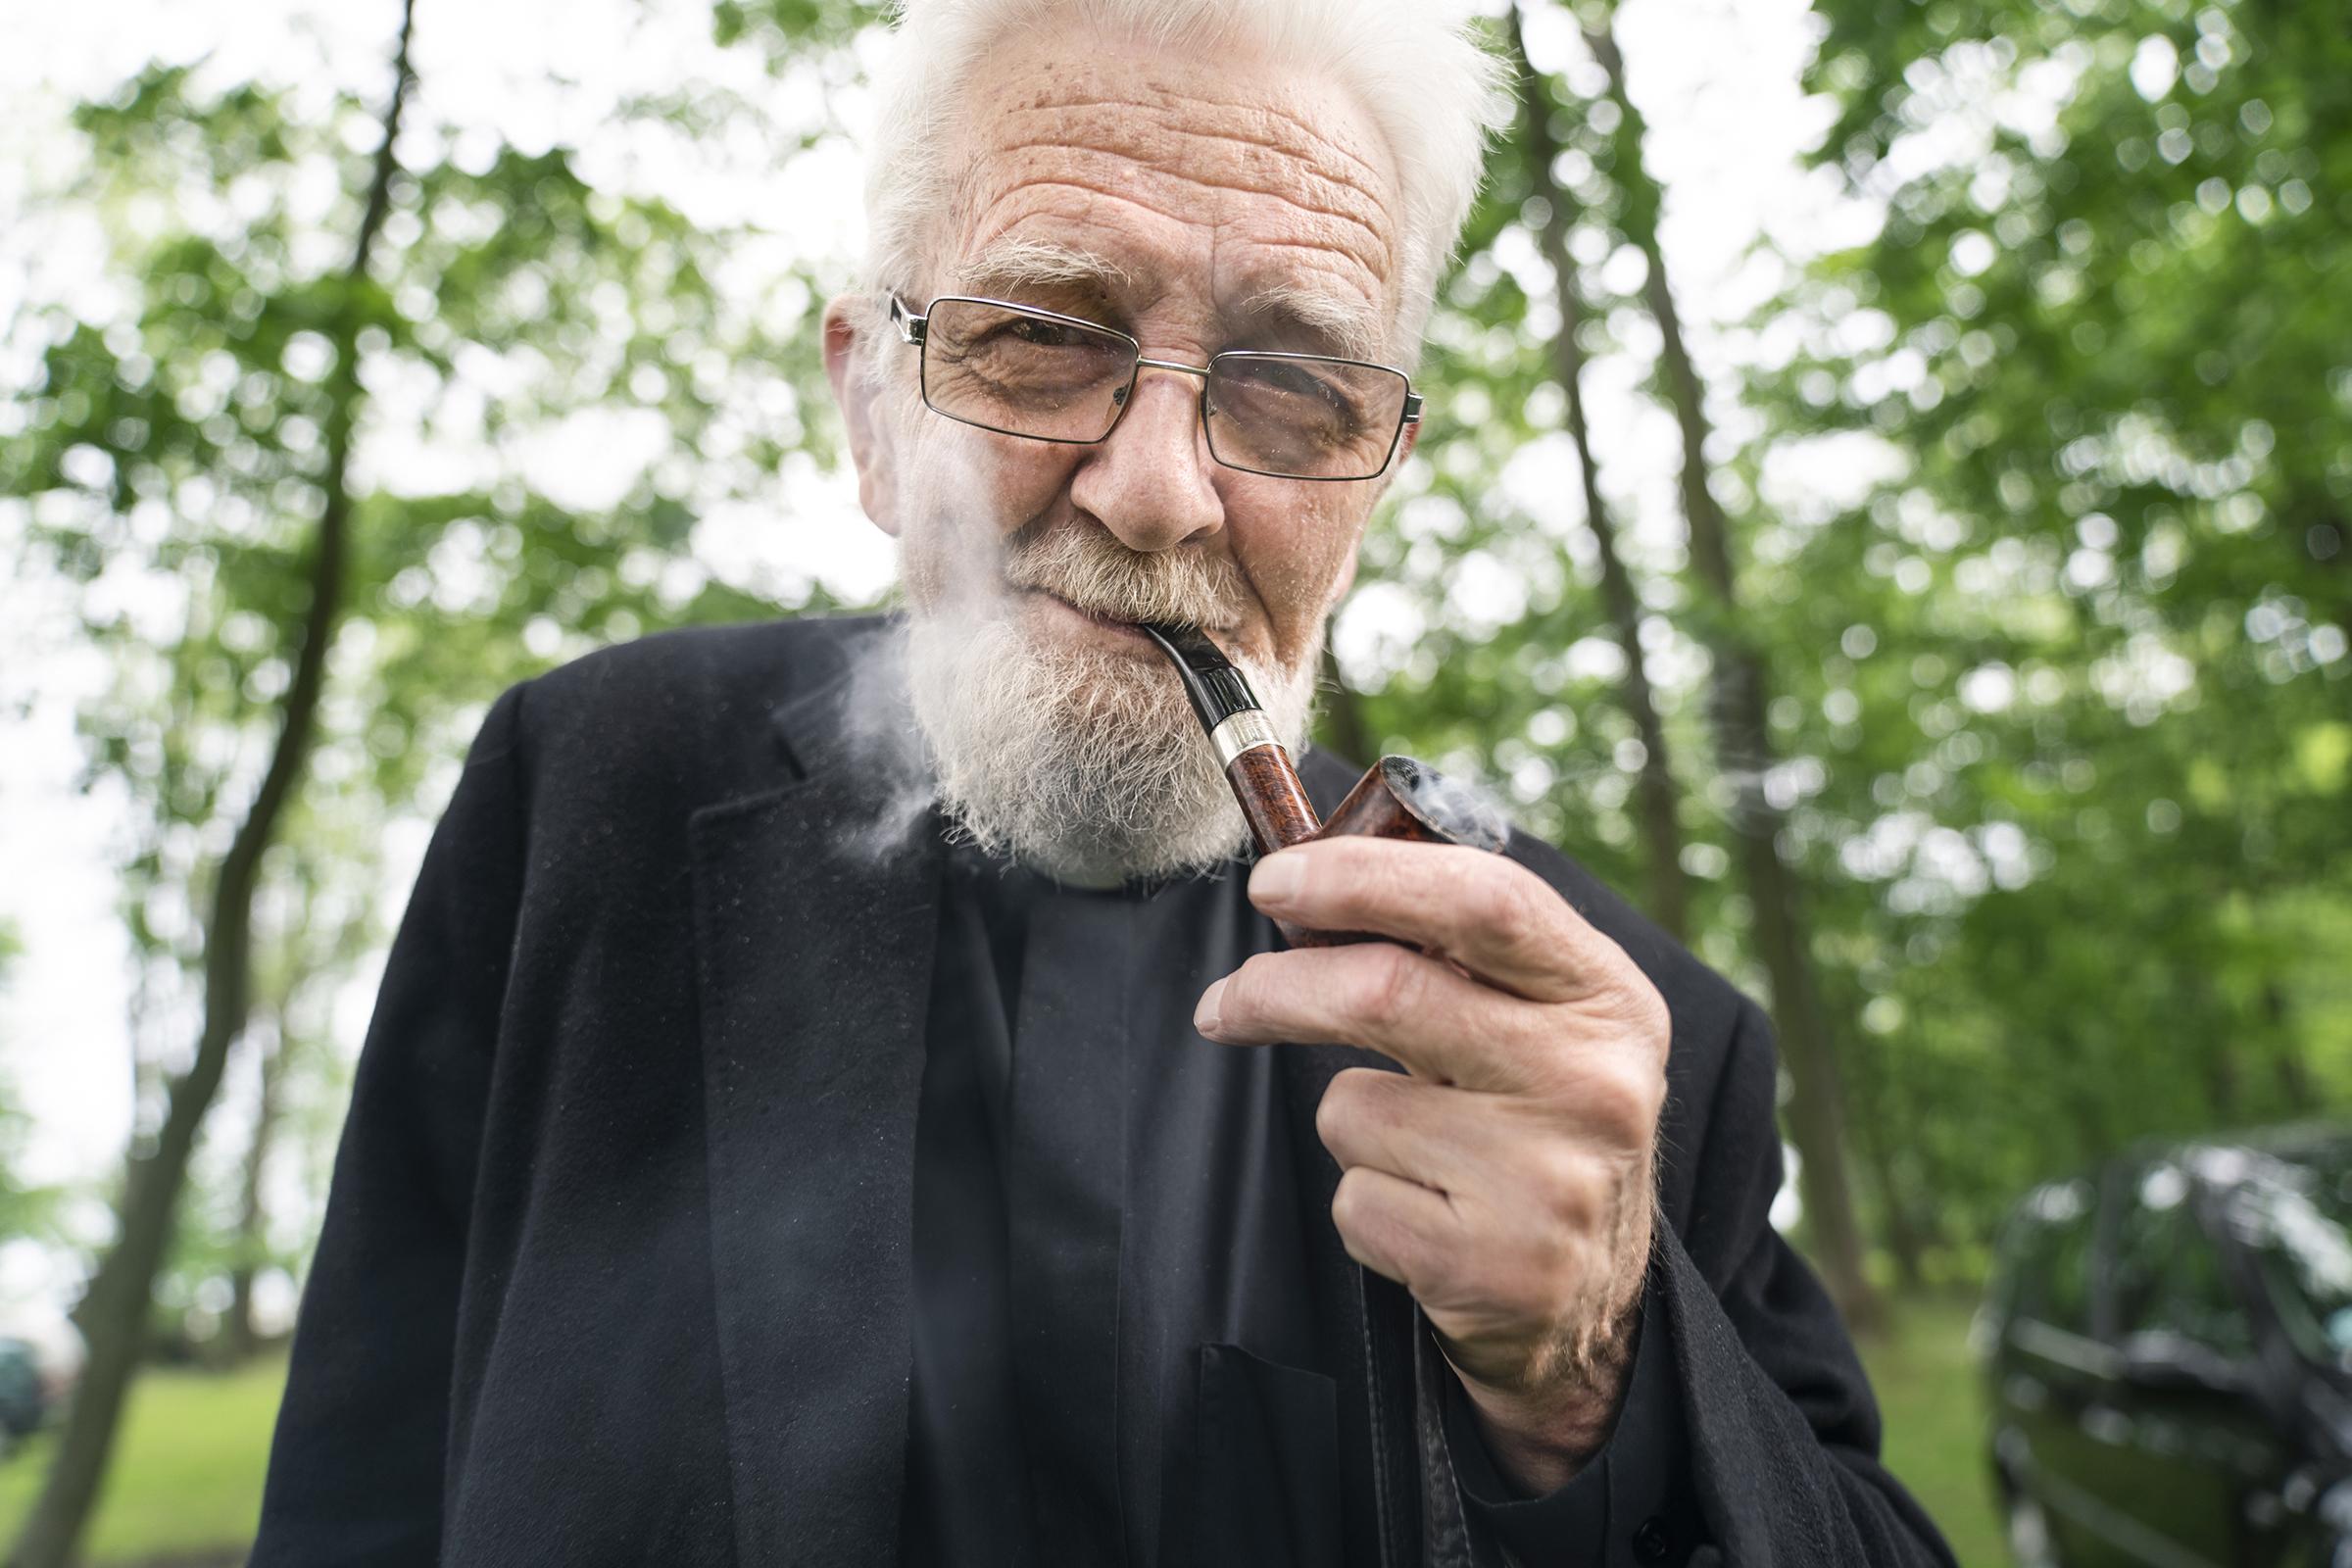 Intymny portret księdza Adama Bonieckiego